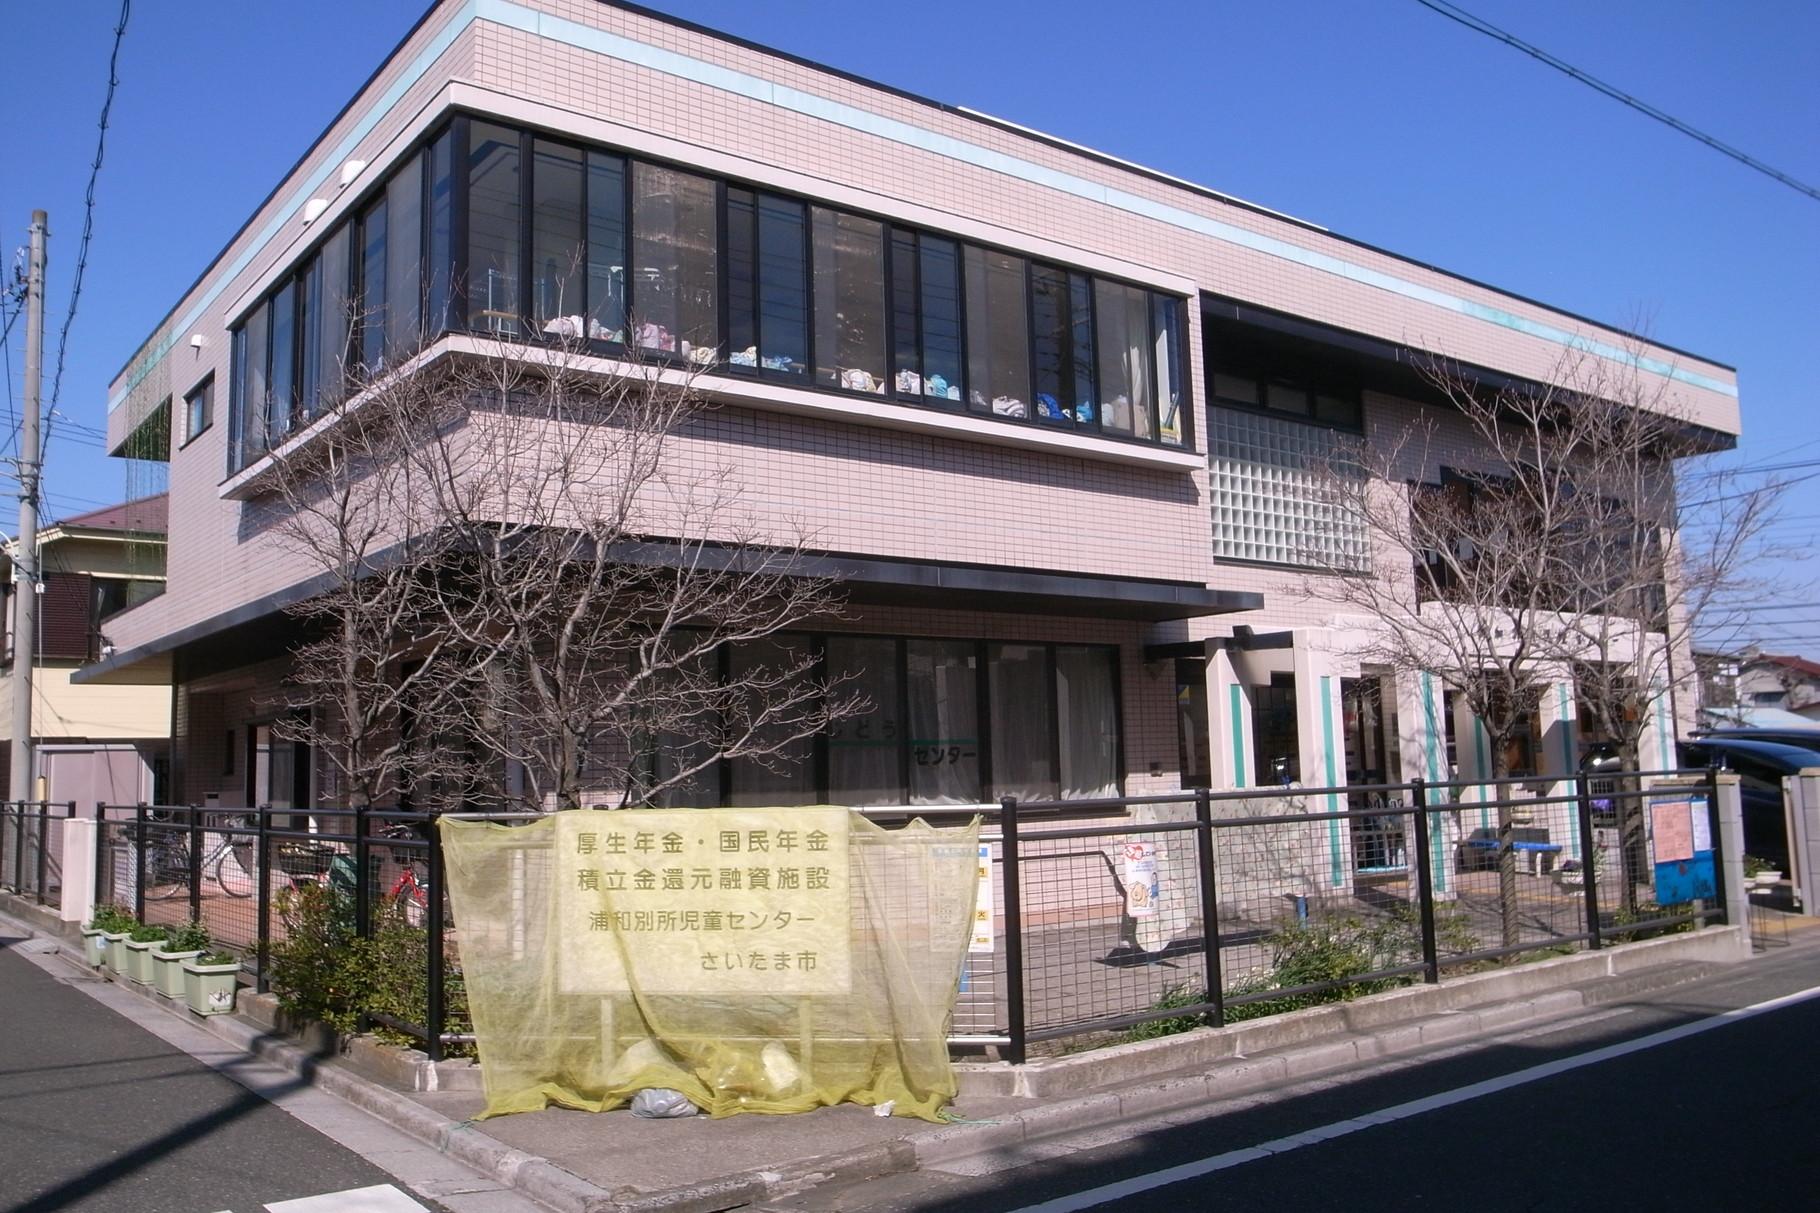 浦和別所児童センター・放課後児童クラブ 230m(徒歩3分)